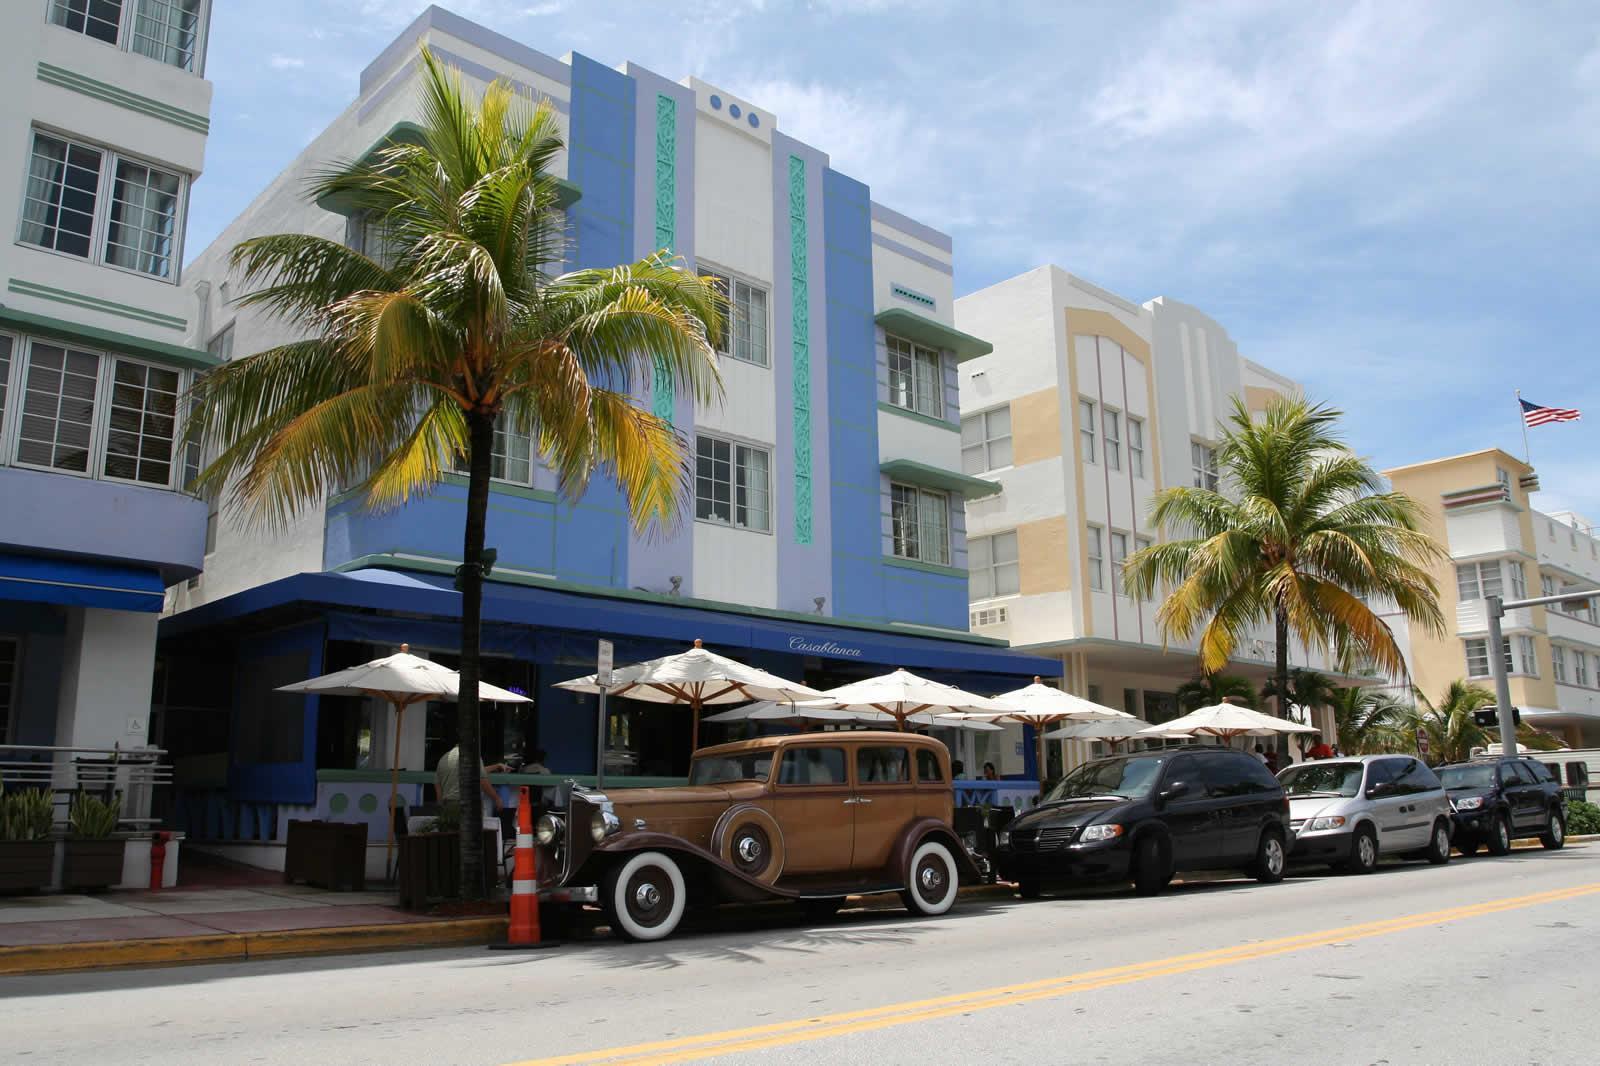 Deco A Tous Les Etages l'art deco à miami beach - immeubles, hôtels art deco à